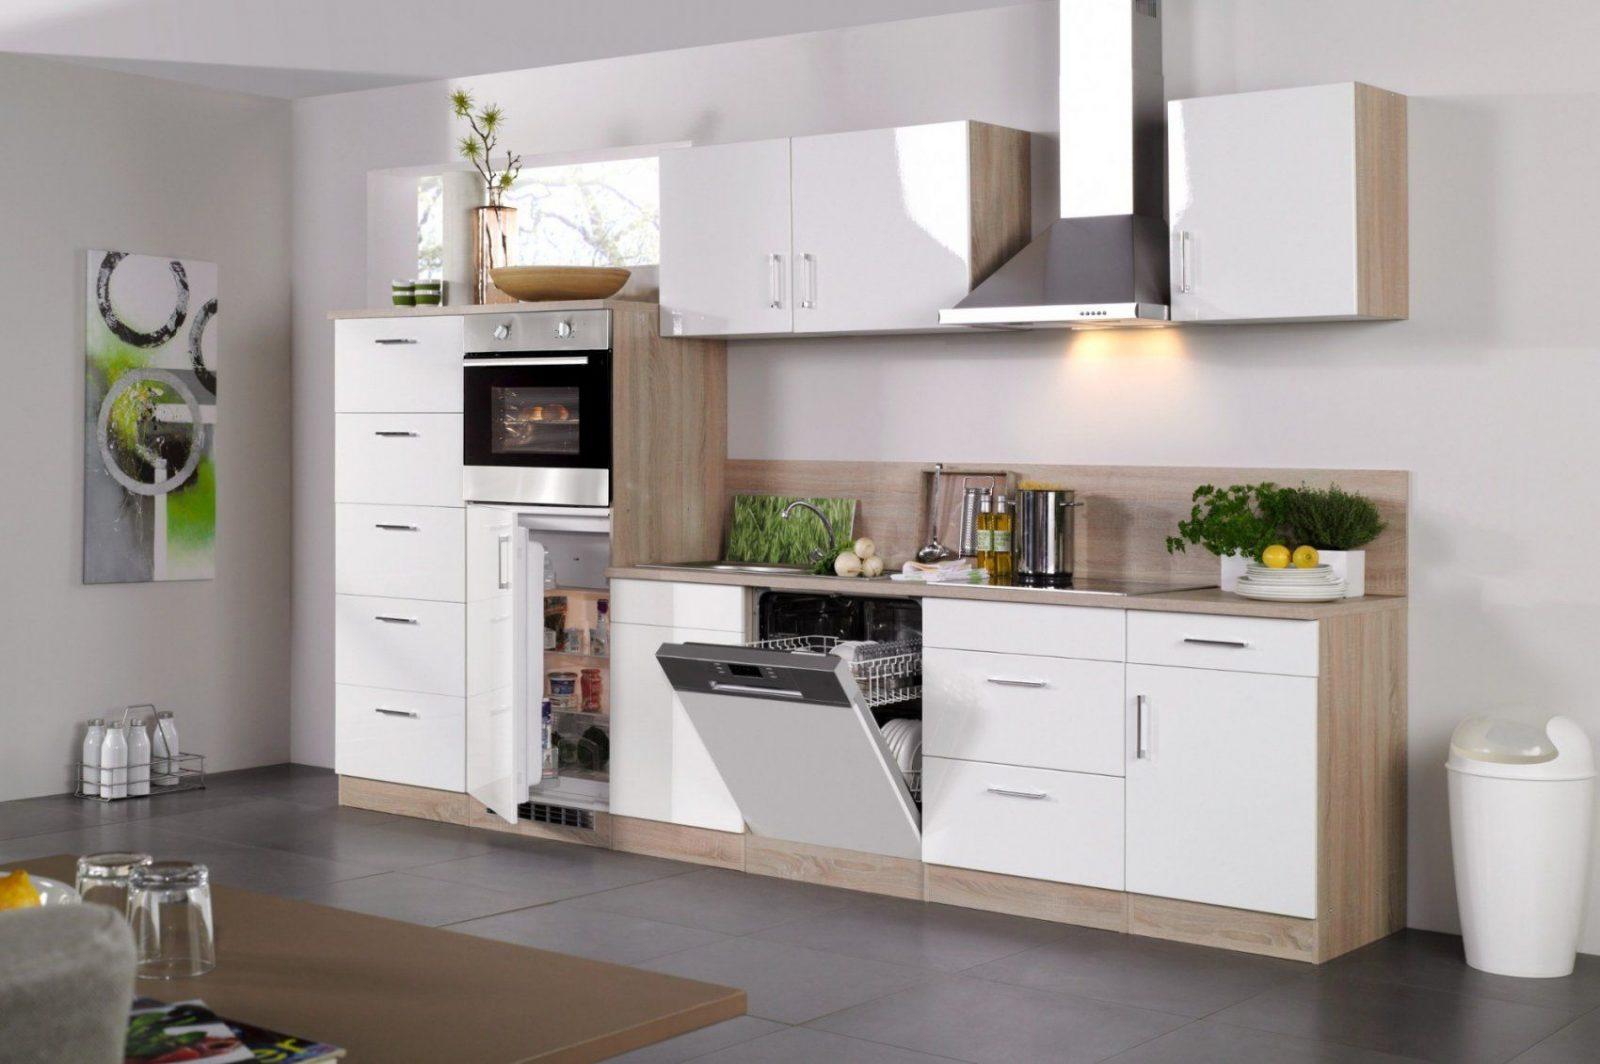 Faszinierend Küche Mit E Geräten Günstig Tapeten  Beste Möbel von Küchen Günstig Mit E Geräten Bild